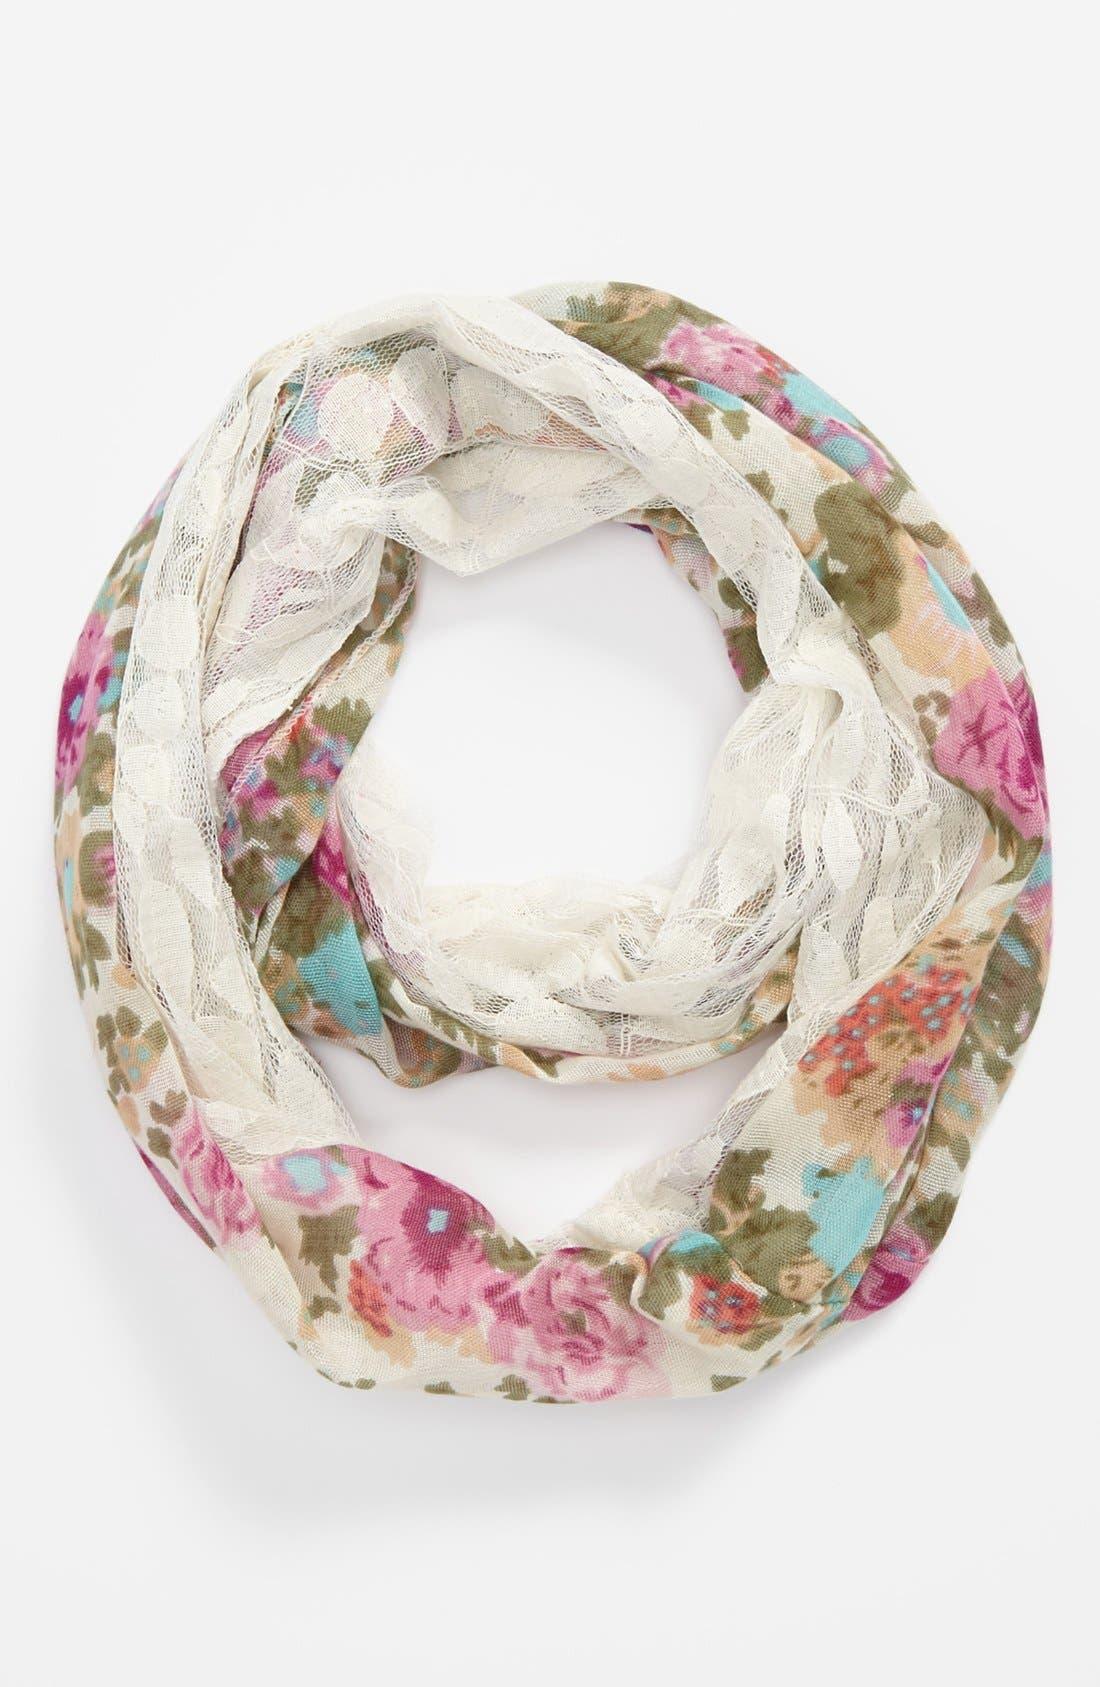 Alternate Image 1 Selected - Lulu Sheer Floral Print Infinity Scarf